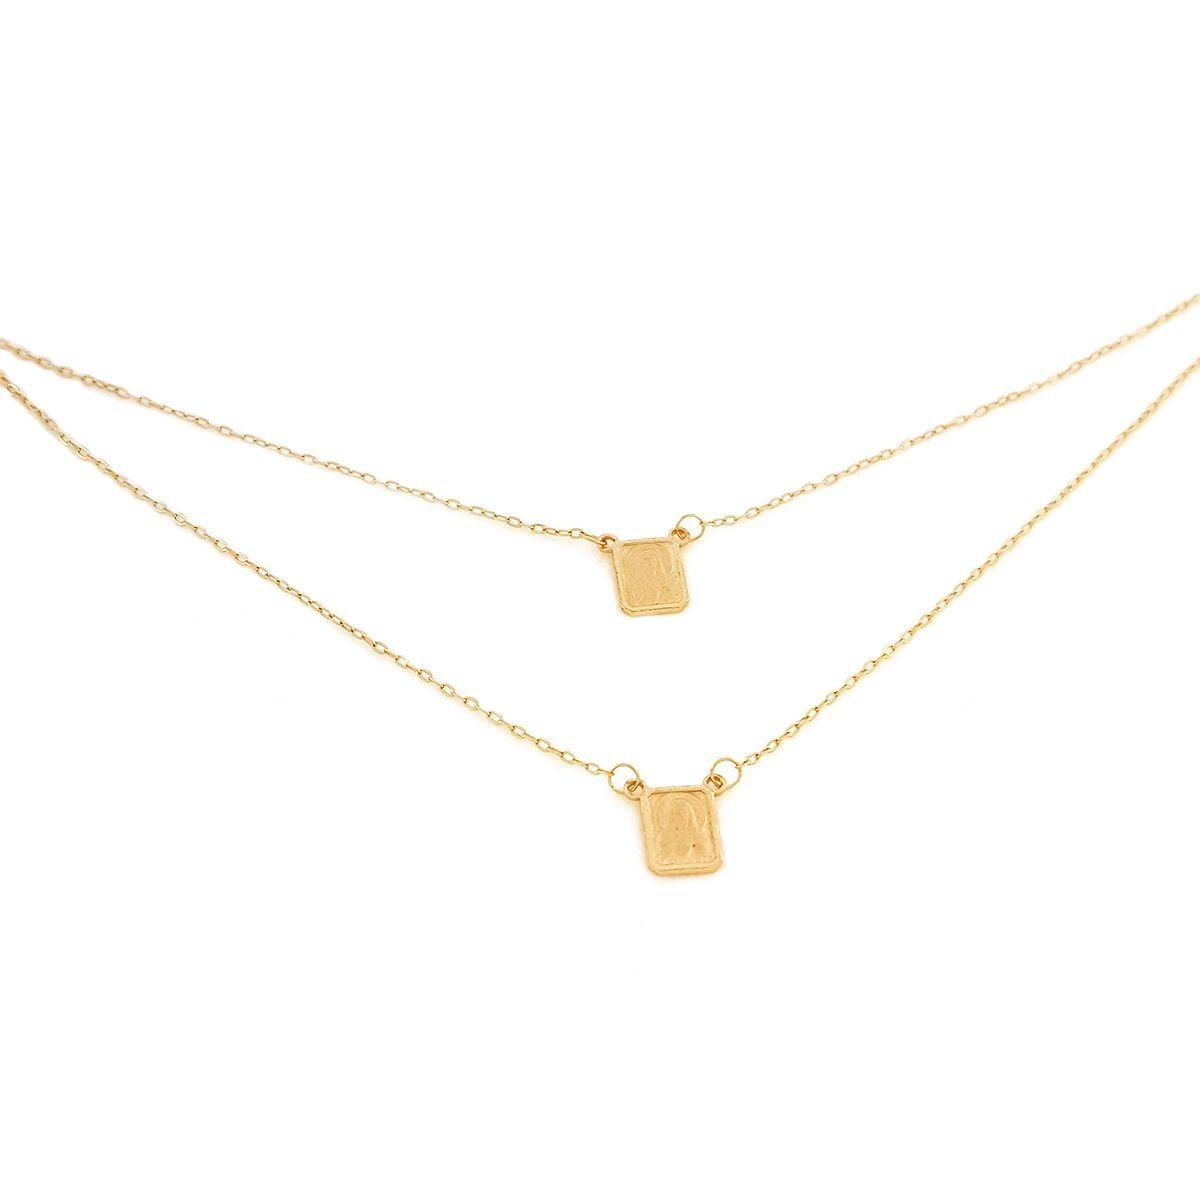 462e7afd6ac0d Escapulário Mini-cadeado Em Ouro Dupla-face 60cm - R  833,56 em ...